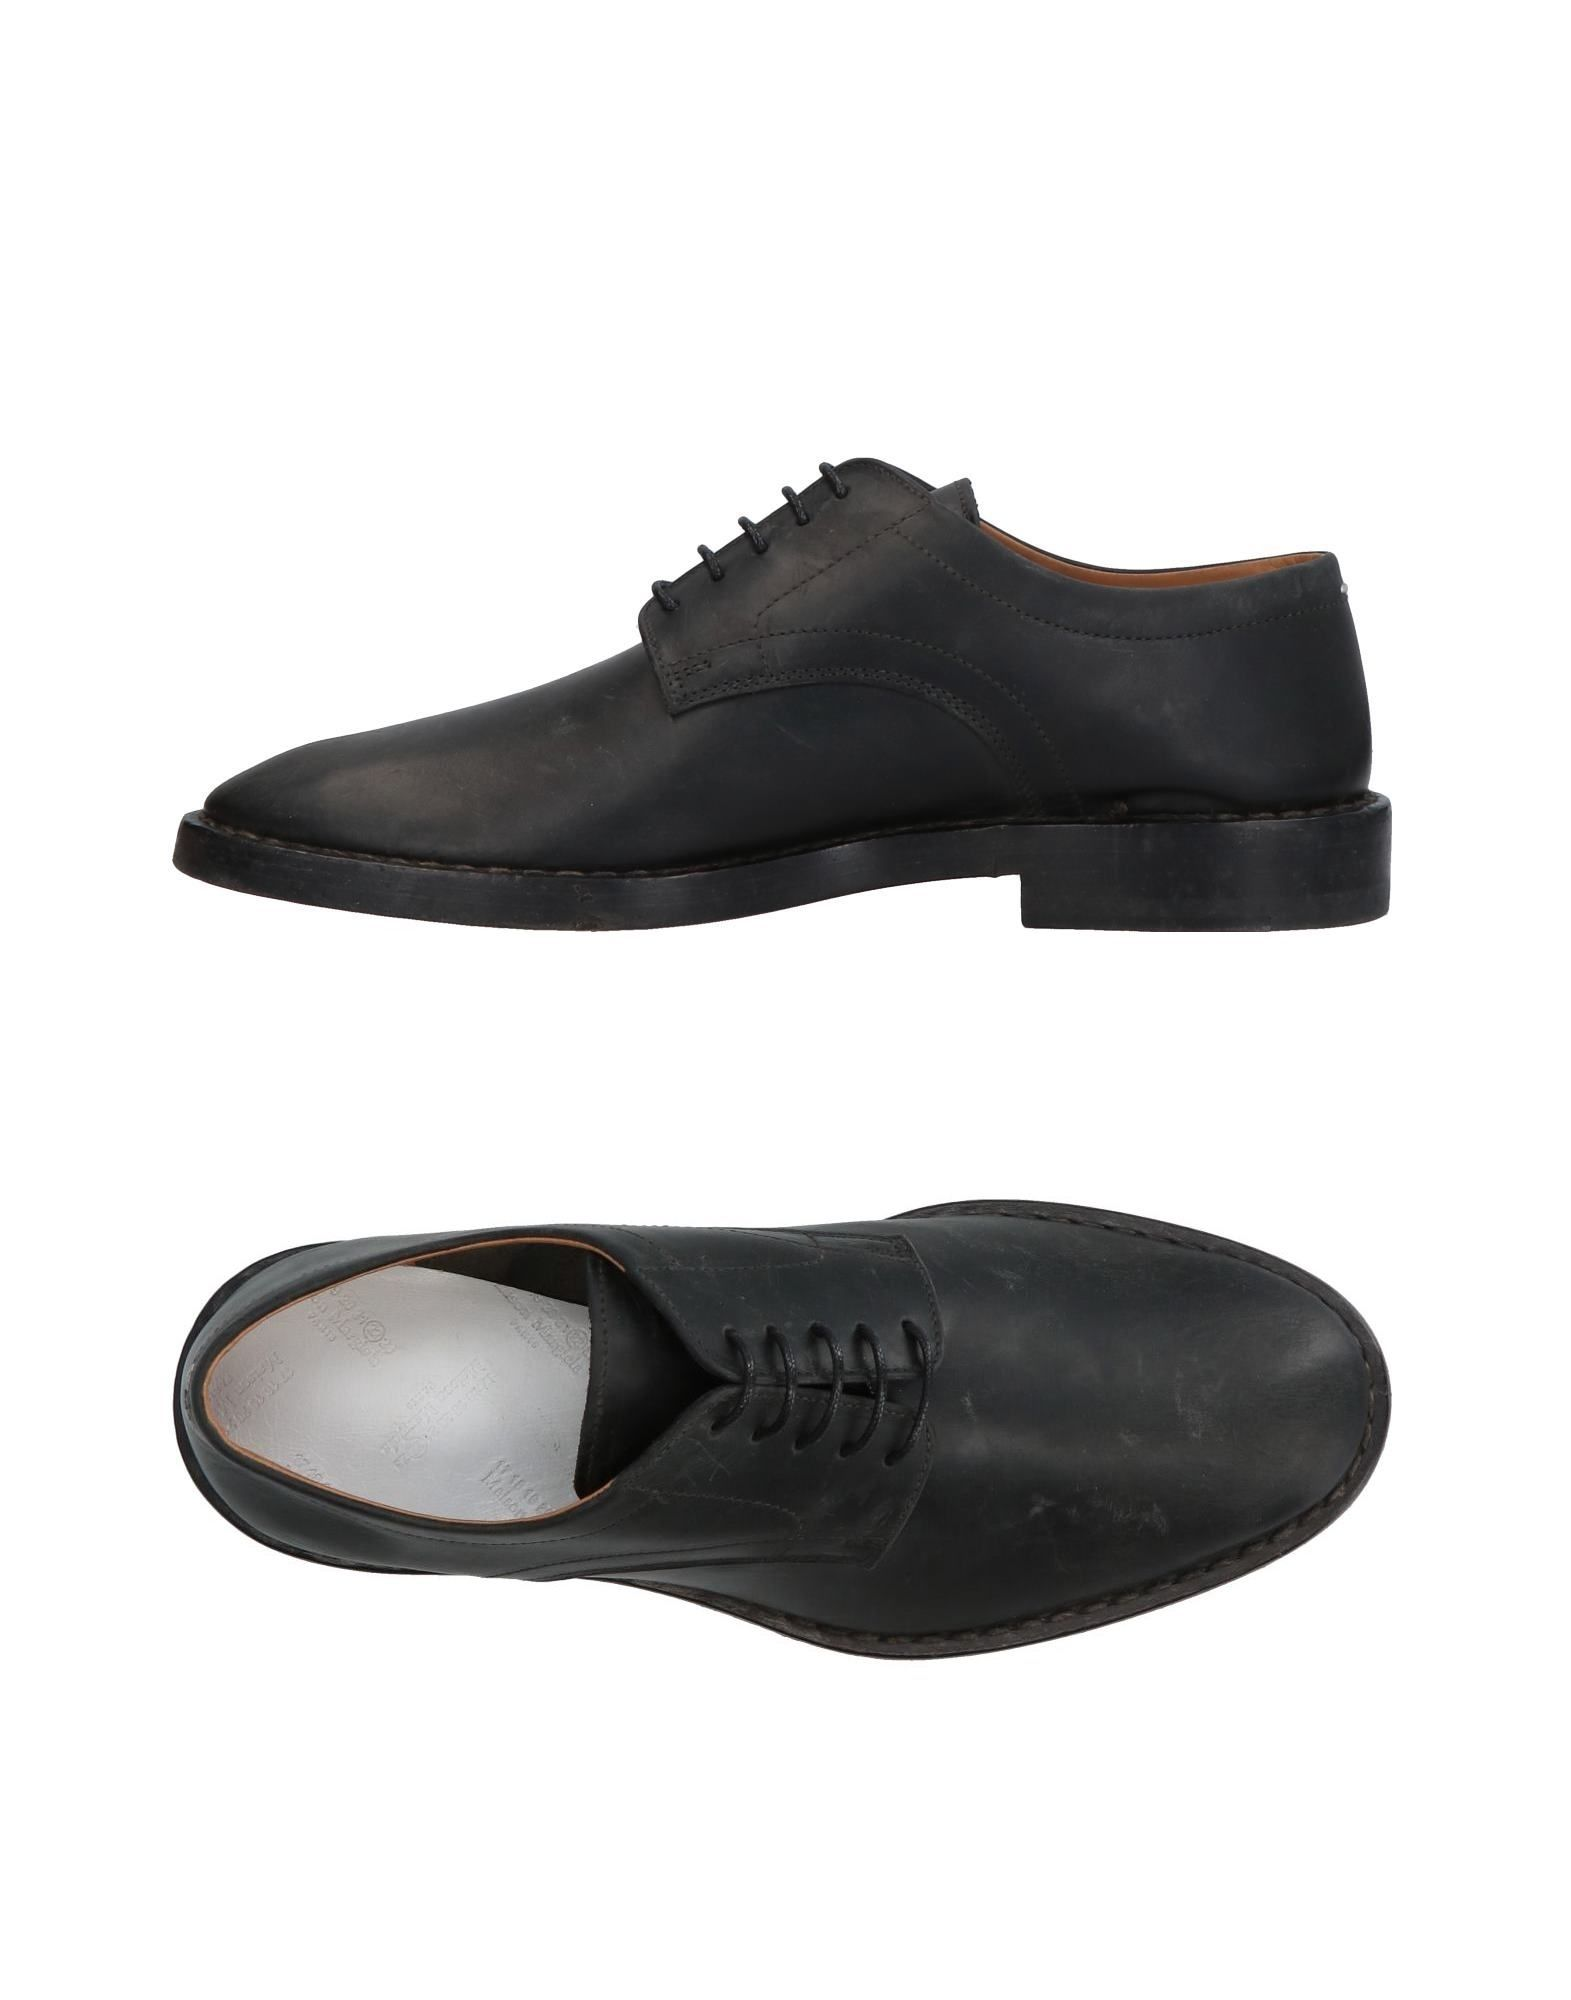 Maison Margiela Schnürschuhe Herren beliebte  11353393EE Gute Qualität beliebte Herren Schuhe 5895ce